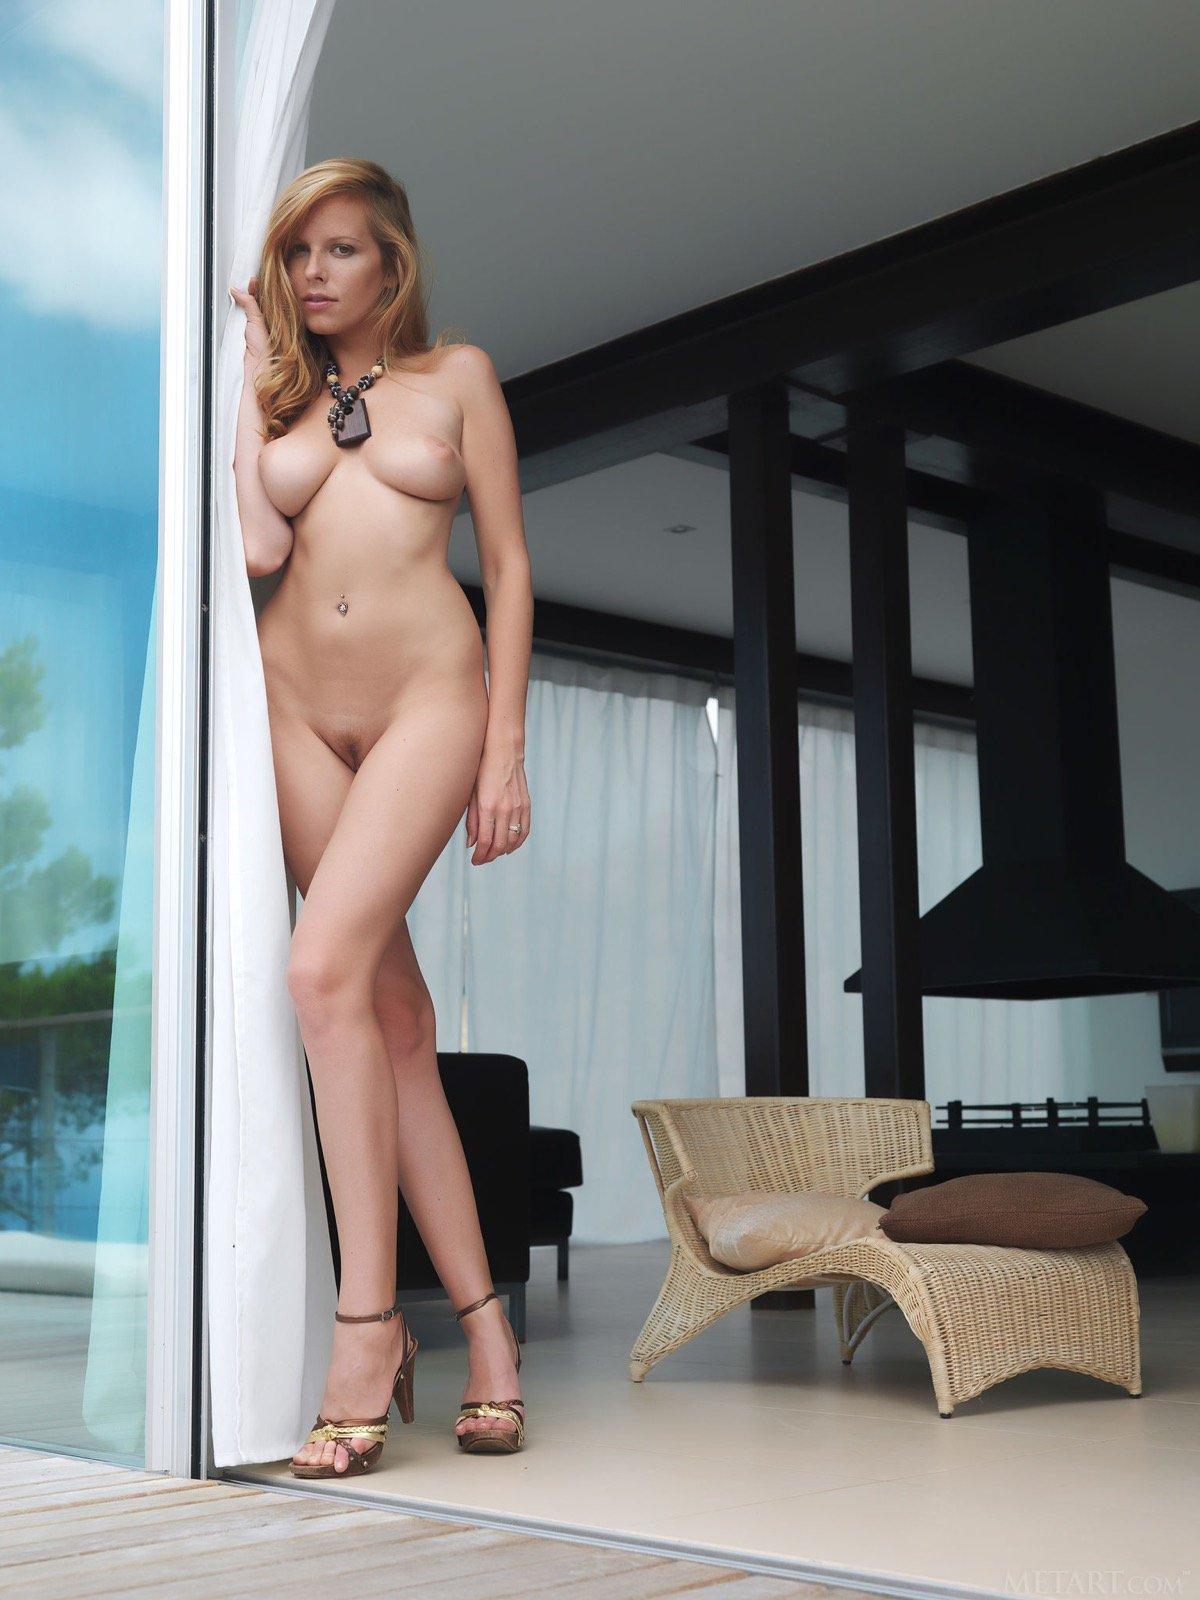 Симпатичная голенькая девушка высокого роста